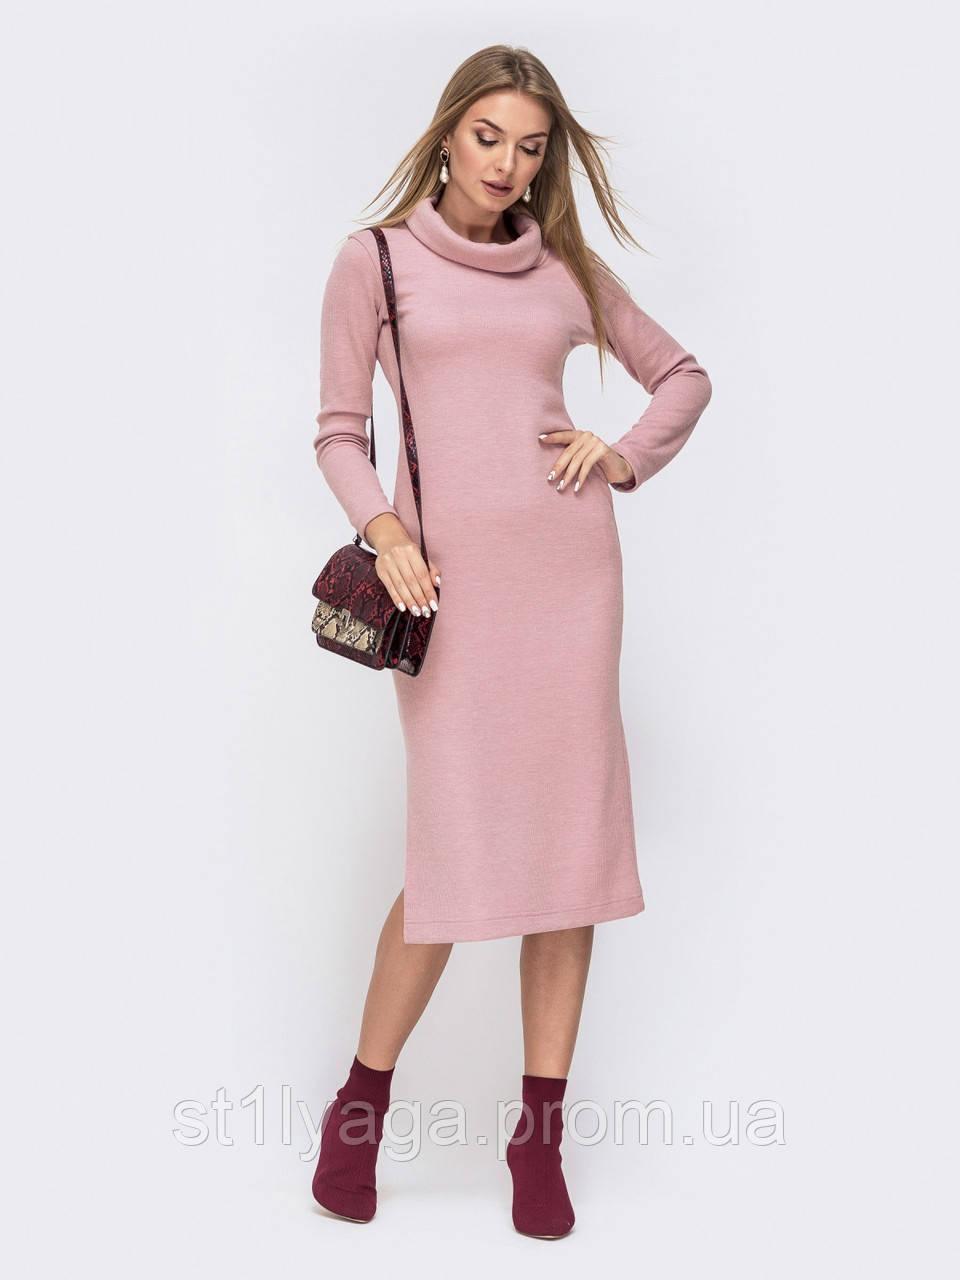 Тёплое платье-гольф с воротником «хомут» и разрезом сбоку